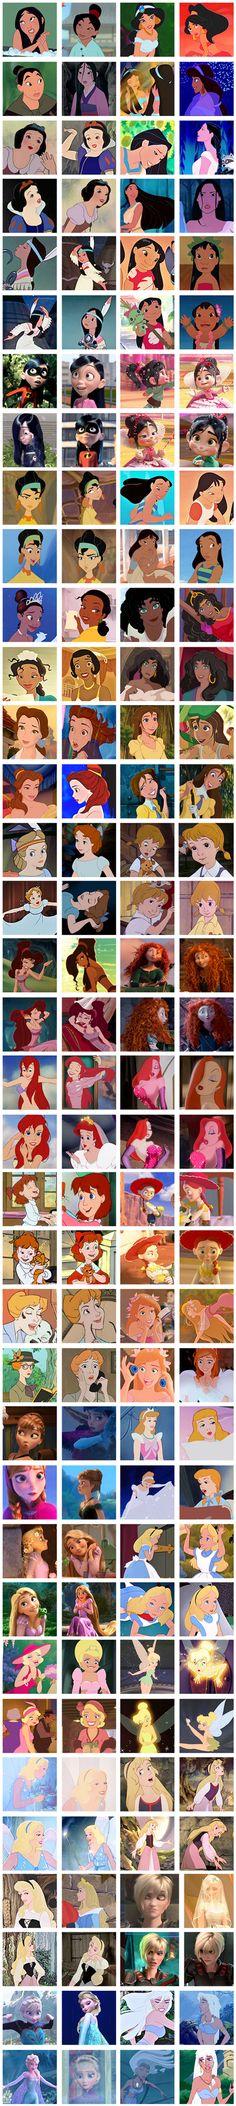 Disney Ladies sorted by hair color!